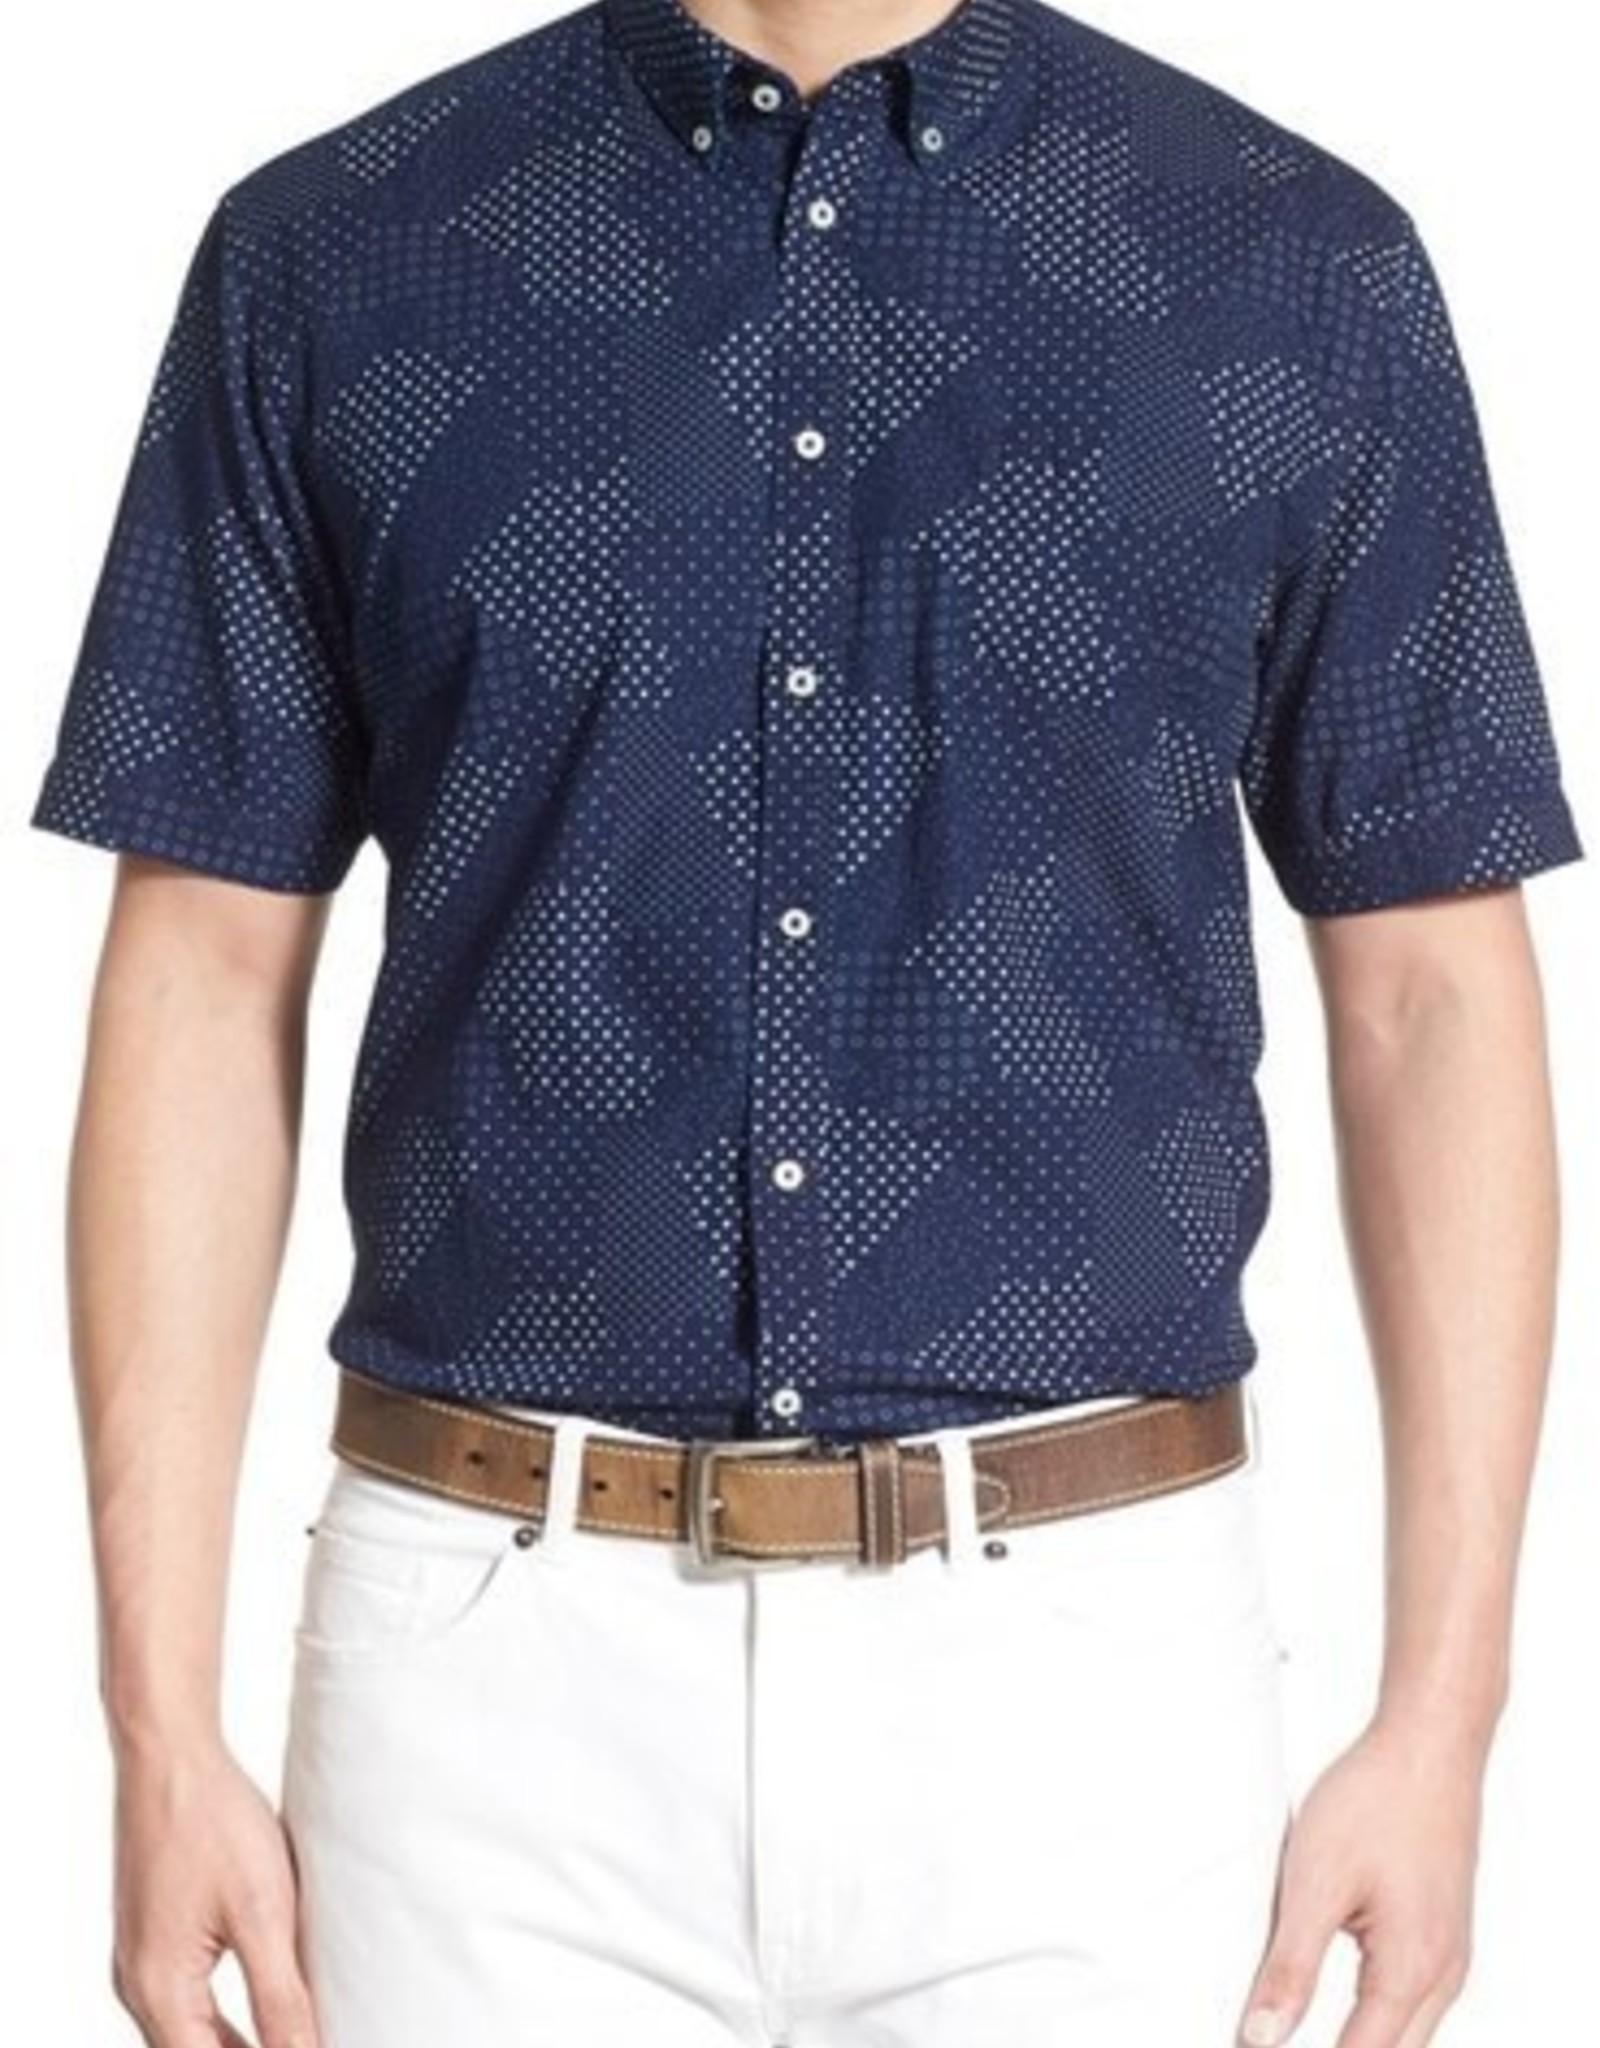 Thomas Dean & Co Thomas Dean Short Sleeve Shirt